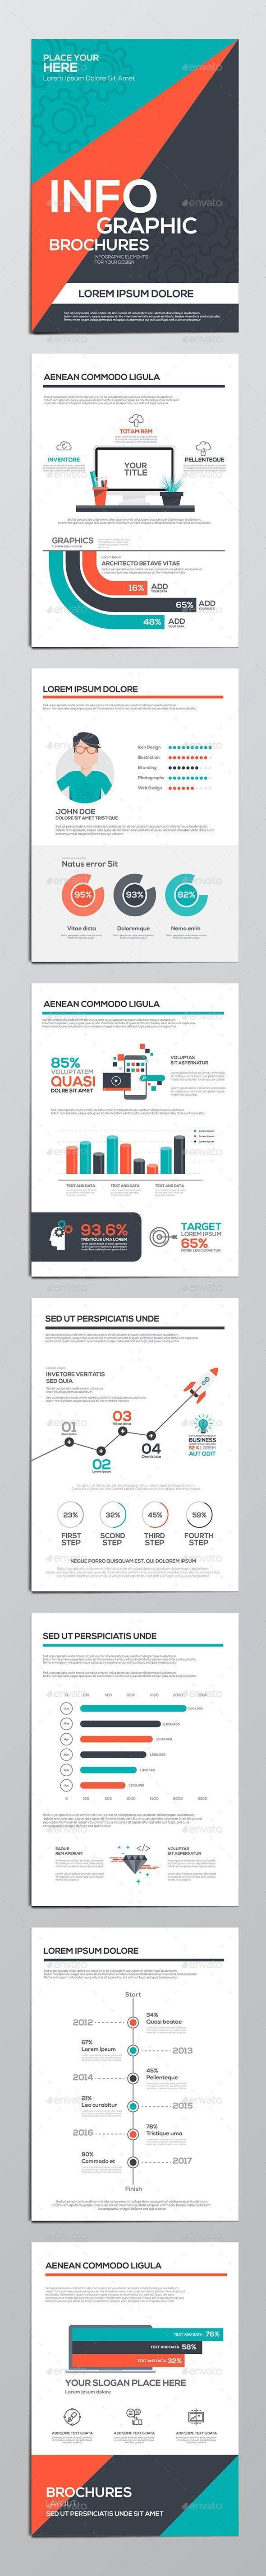 Infographics Elements For Corporate Brochures In 2020 Corporate Brochure Design Infographic Graphic Design Brochure